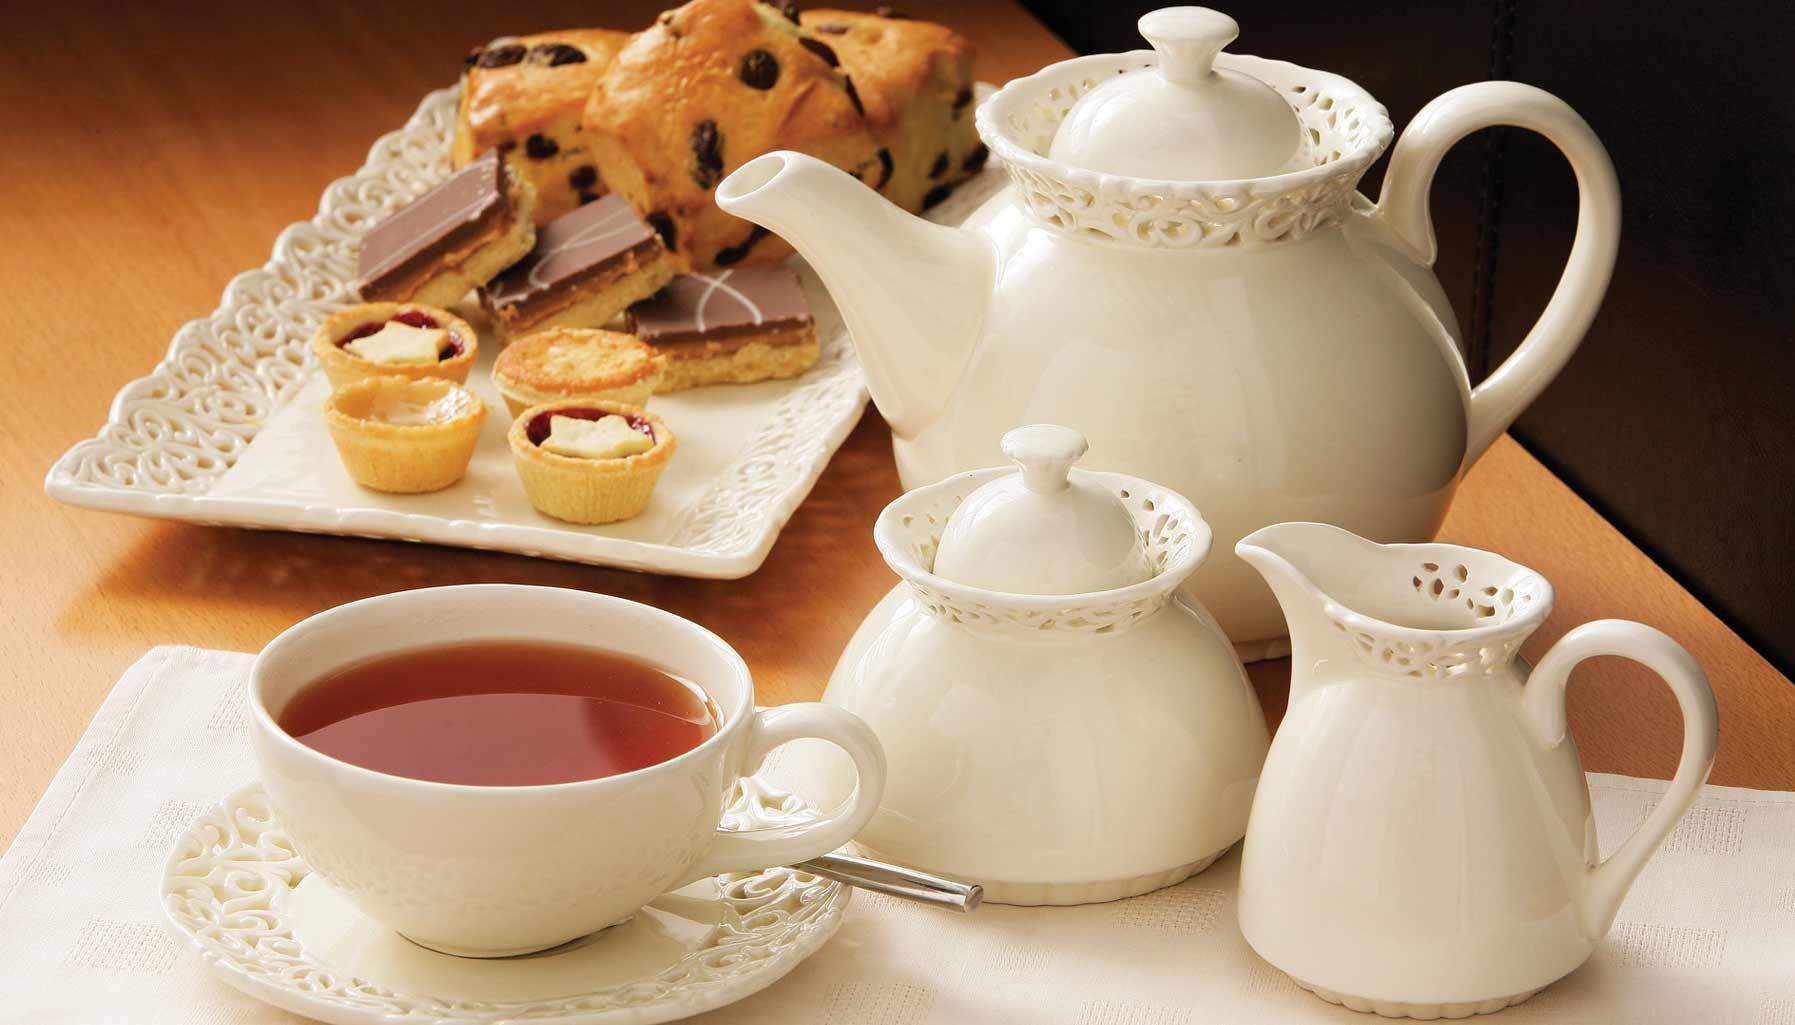 Tiệc trà chiều kiểu Anh gây sốt 2 Tiệc trà chiều kiểu Anh gây sốt